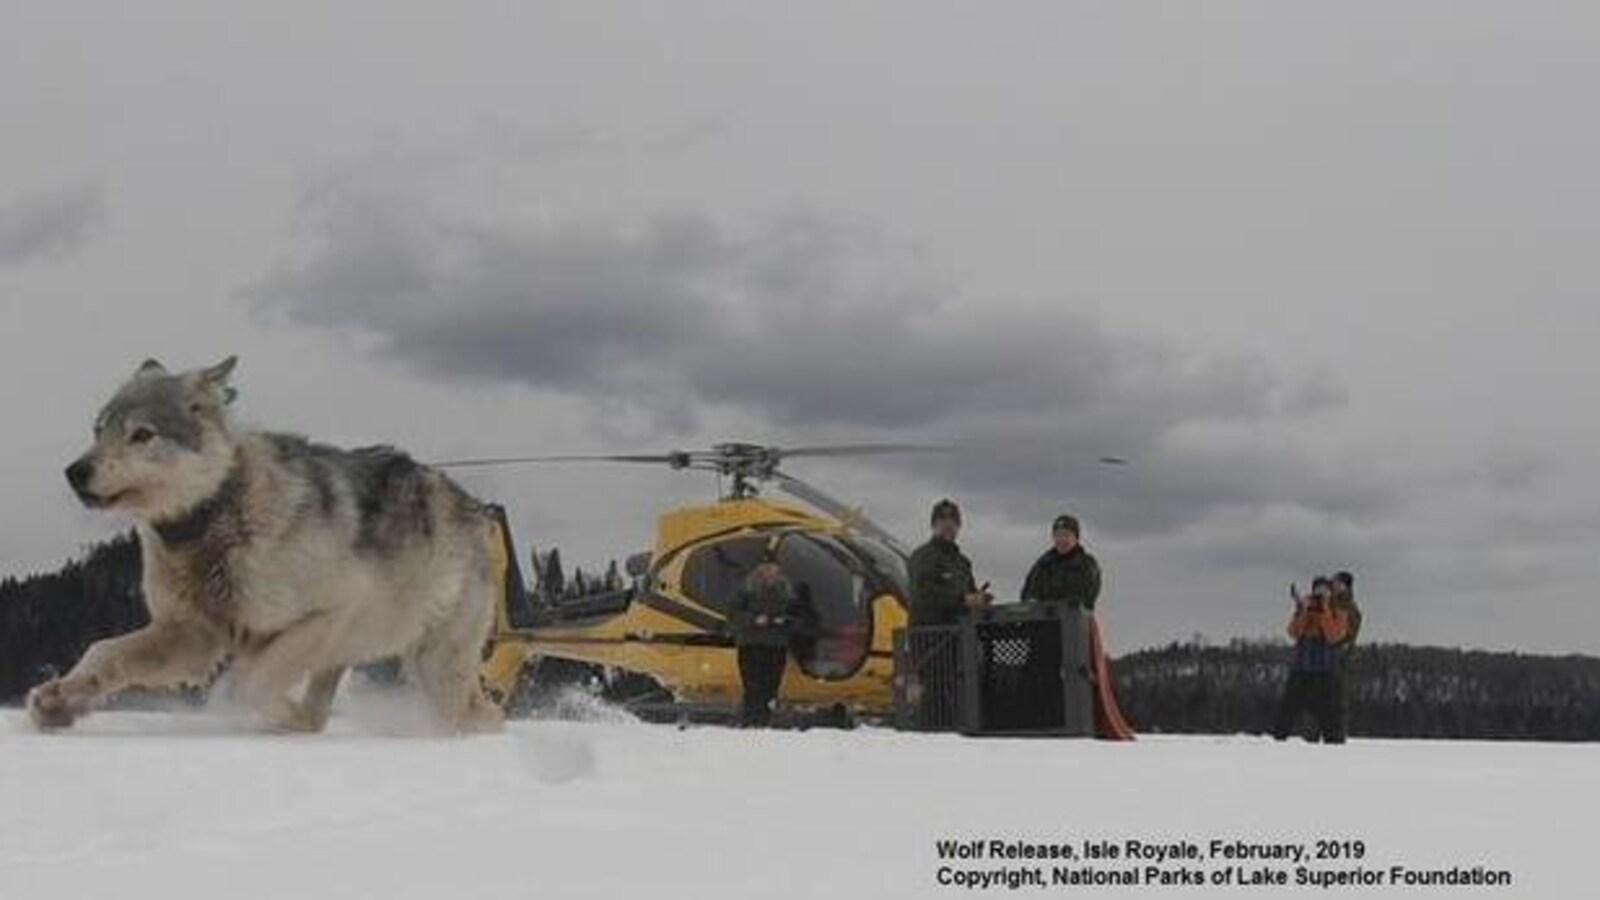 Un loup court dans la neige avec en arrière-plan un hélicoptère et des gens qui observent la scène.